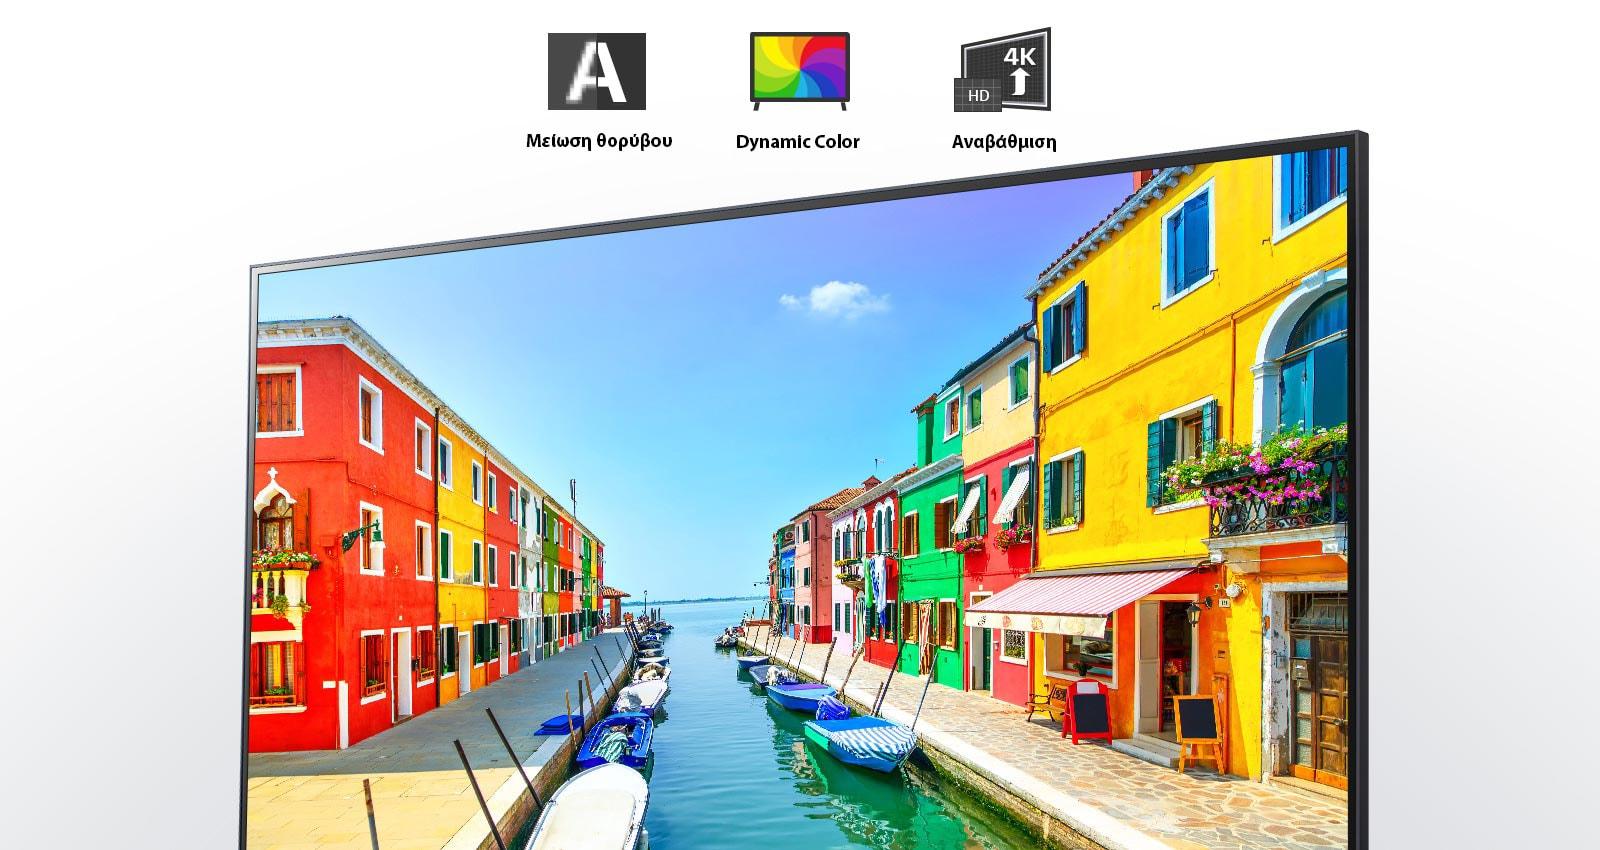 Μια τηλεόραση που δείχνει μια παραθαλάσσια πόλη, όπου τα κτίρια είναι βαμμένα σε διάφορα χρώματα και μικρά σκάφη είναι αγκυροβολημένα σε ένα μακρόστενο λιμάνι.